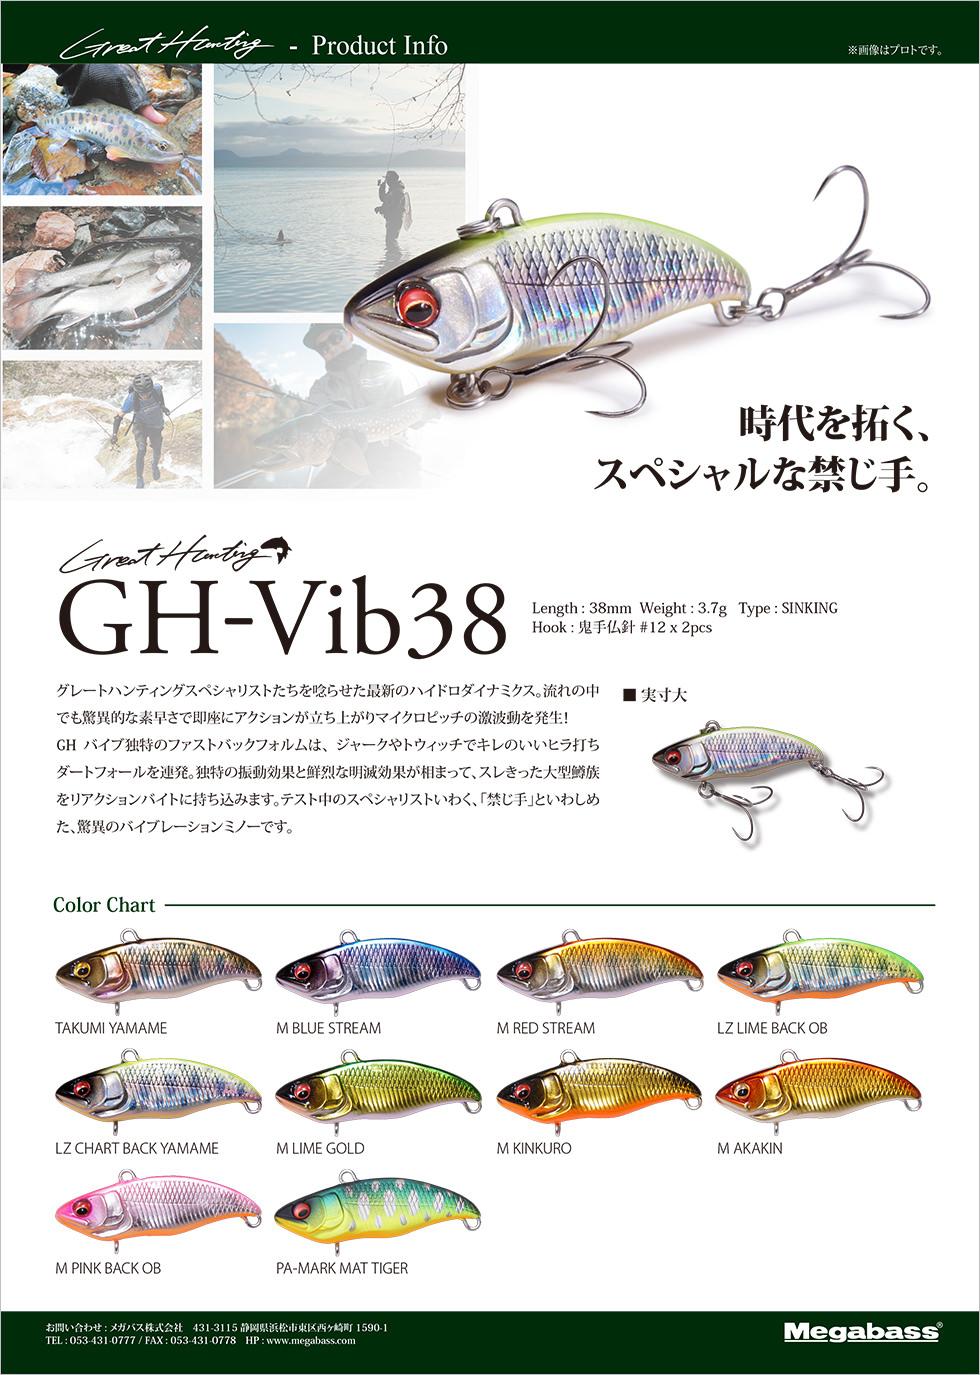 GH-Vib 38